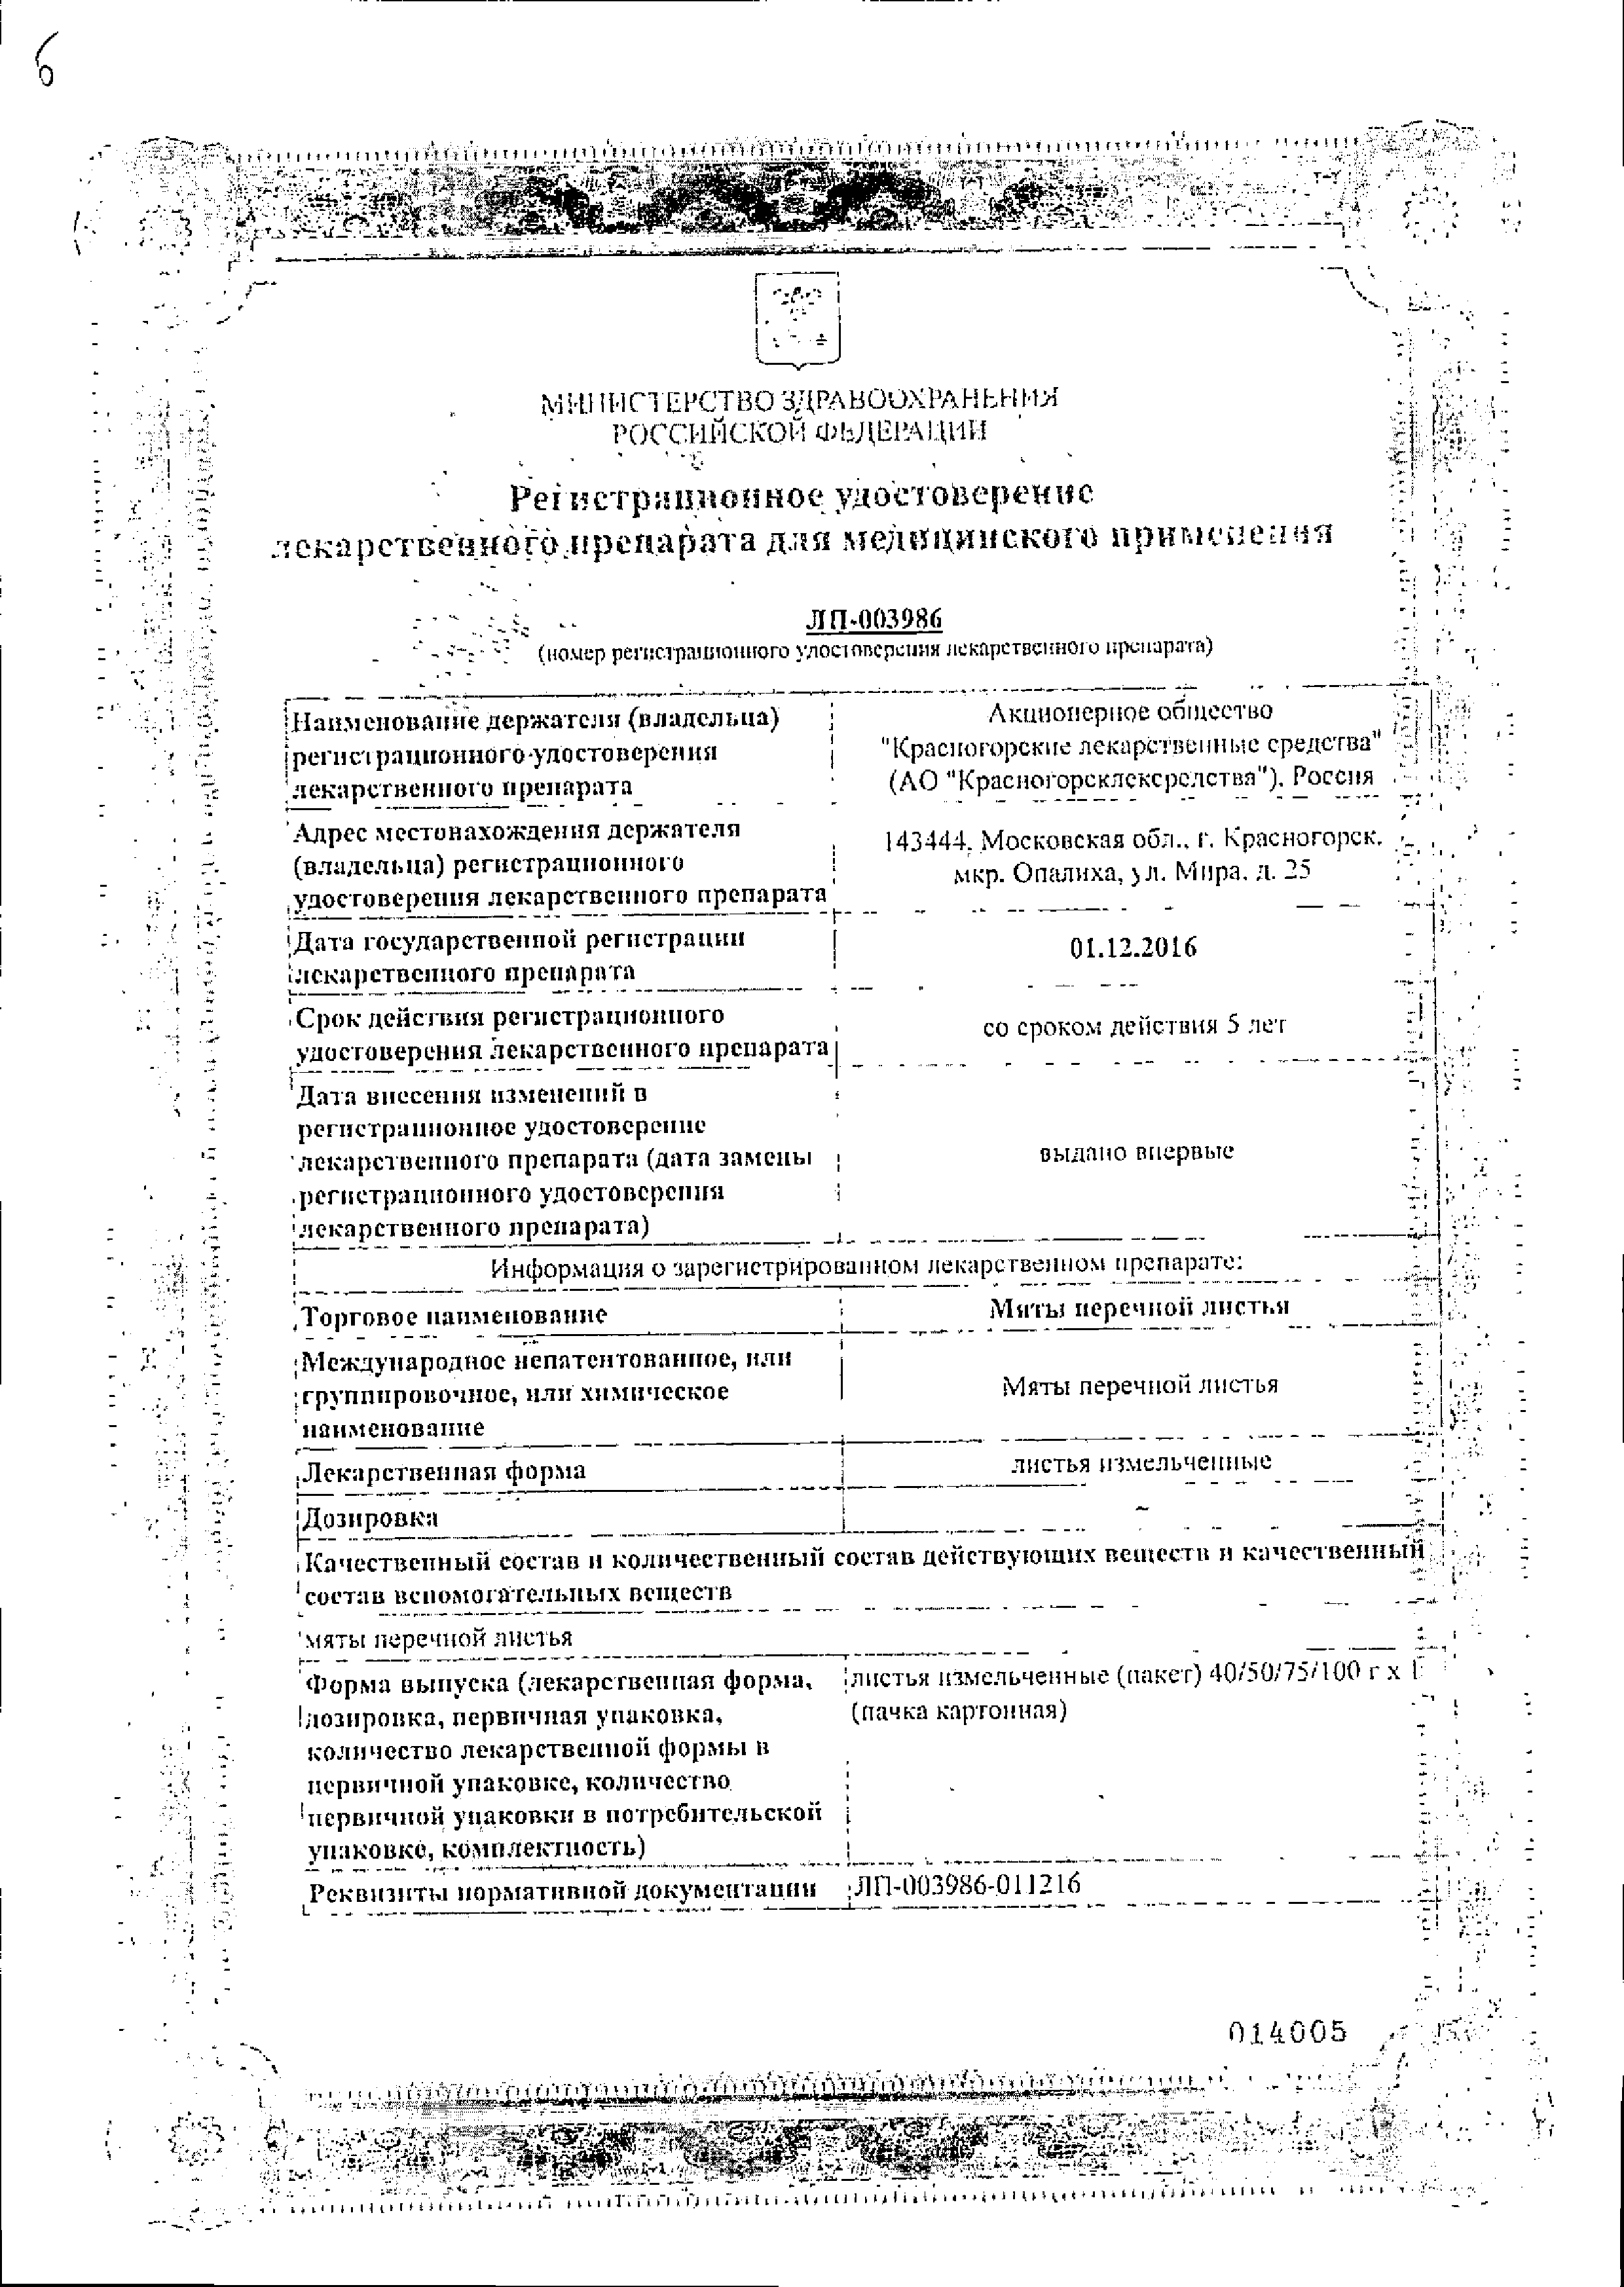 Мяты перечной листья сертификат